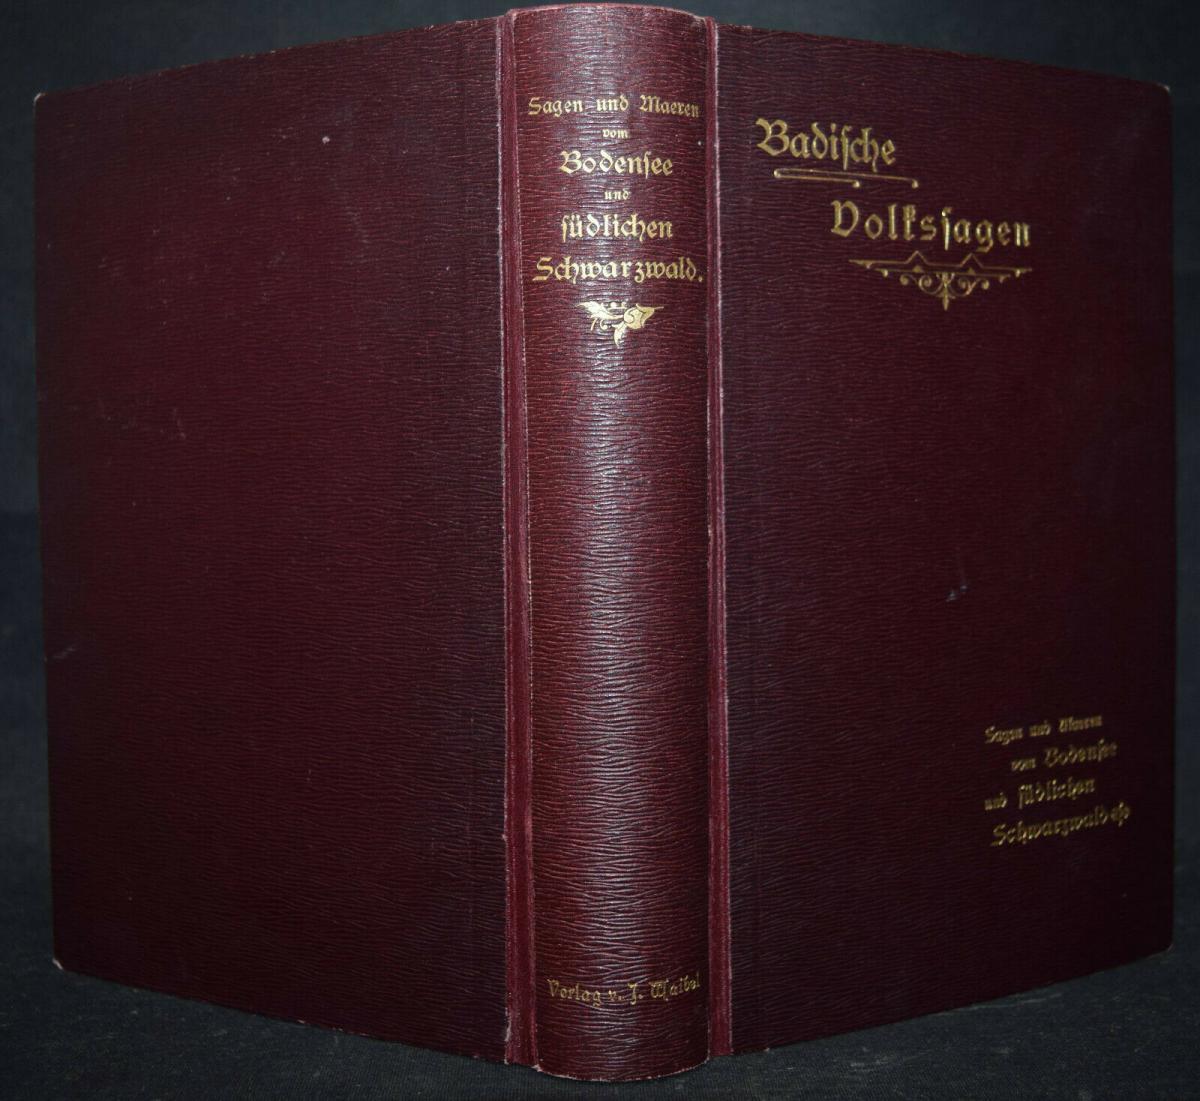 BADER U.A., BADISCHES SAGENBUCH BADENIA SAGEN 1898-1899 6